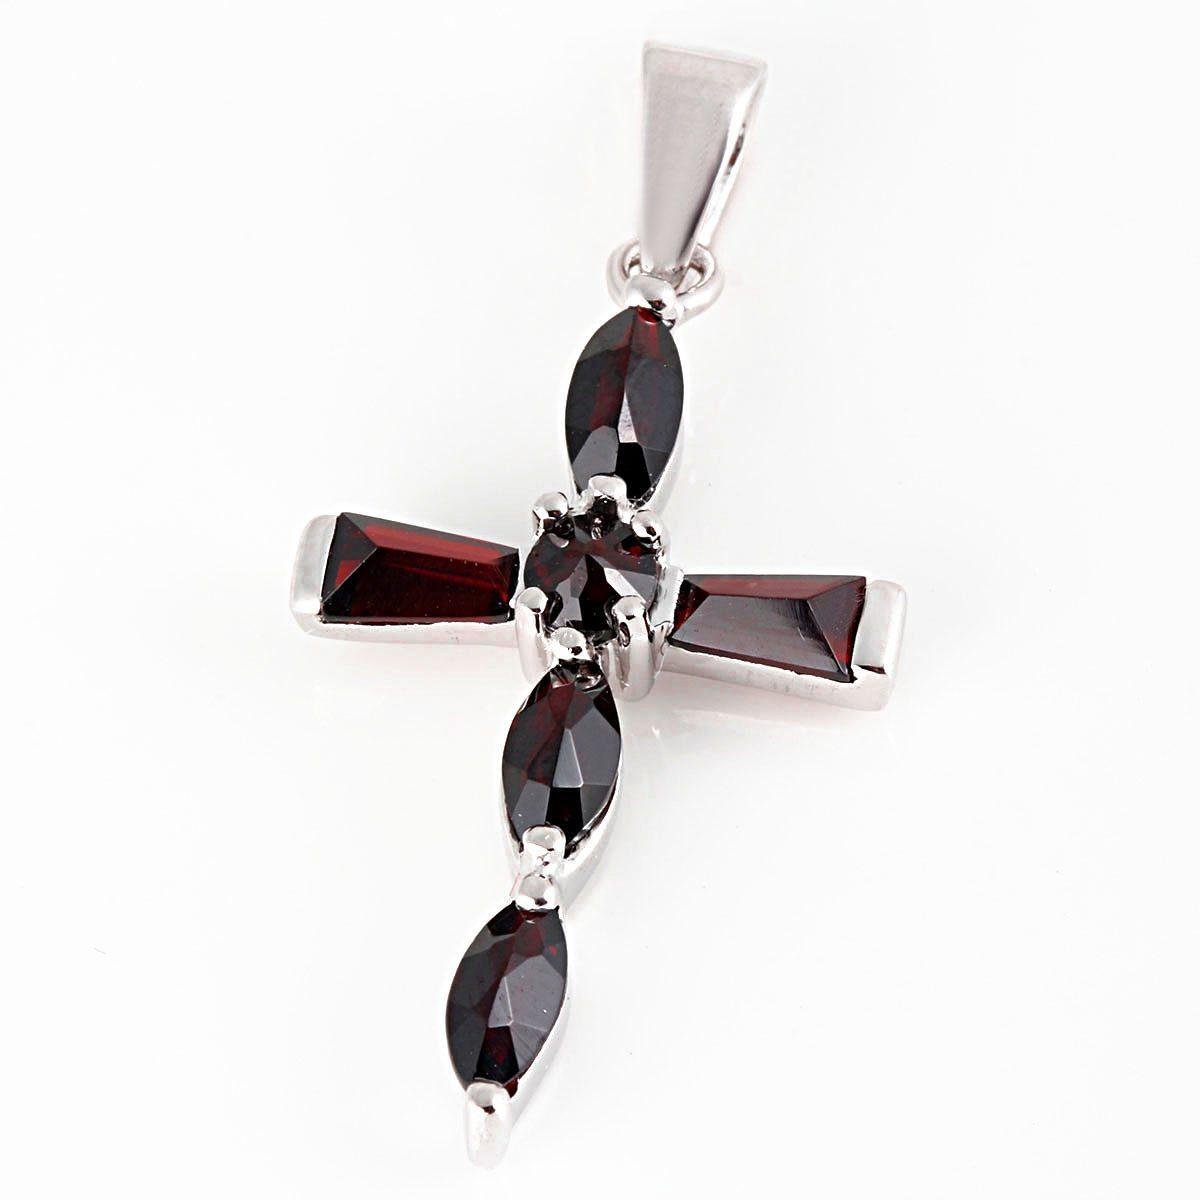 Averdin Kreuz Collier mit 6 kleinen Granat Steinen rechteckig / oval